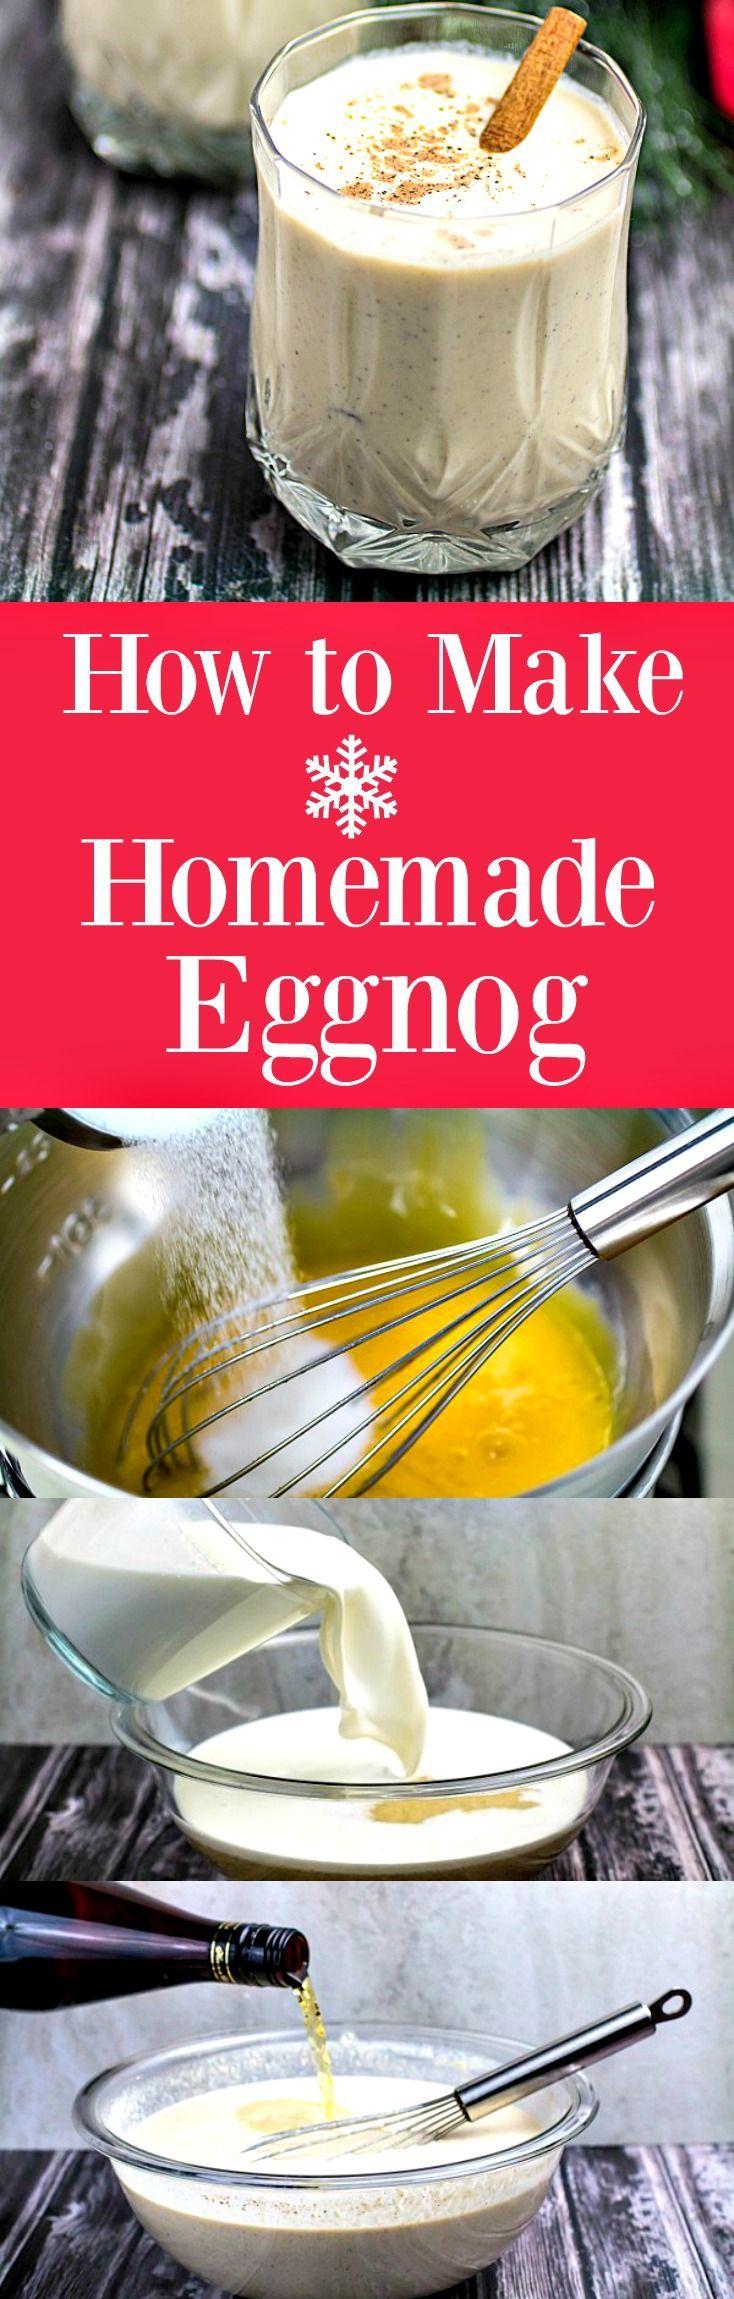 25 best ideas about how to make eggnog on pinterest eggnog alcohol eggnog recipe alcohol and - Traditional eggnog recipe holidays ...